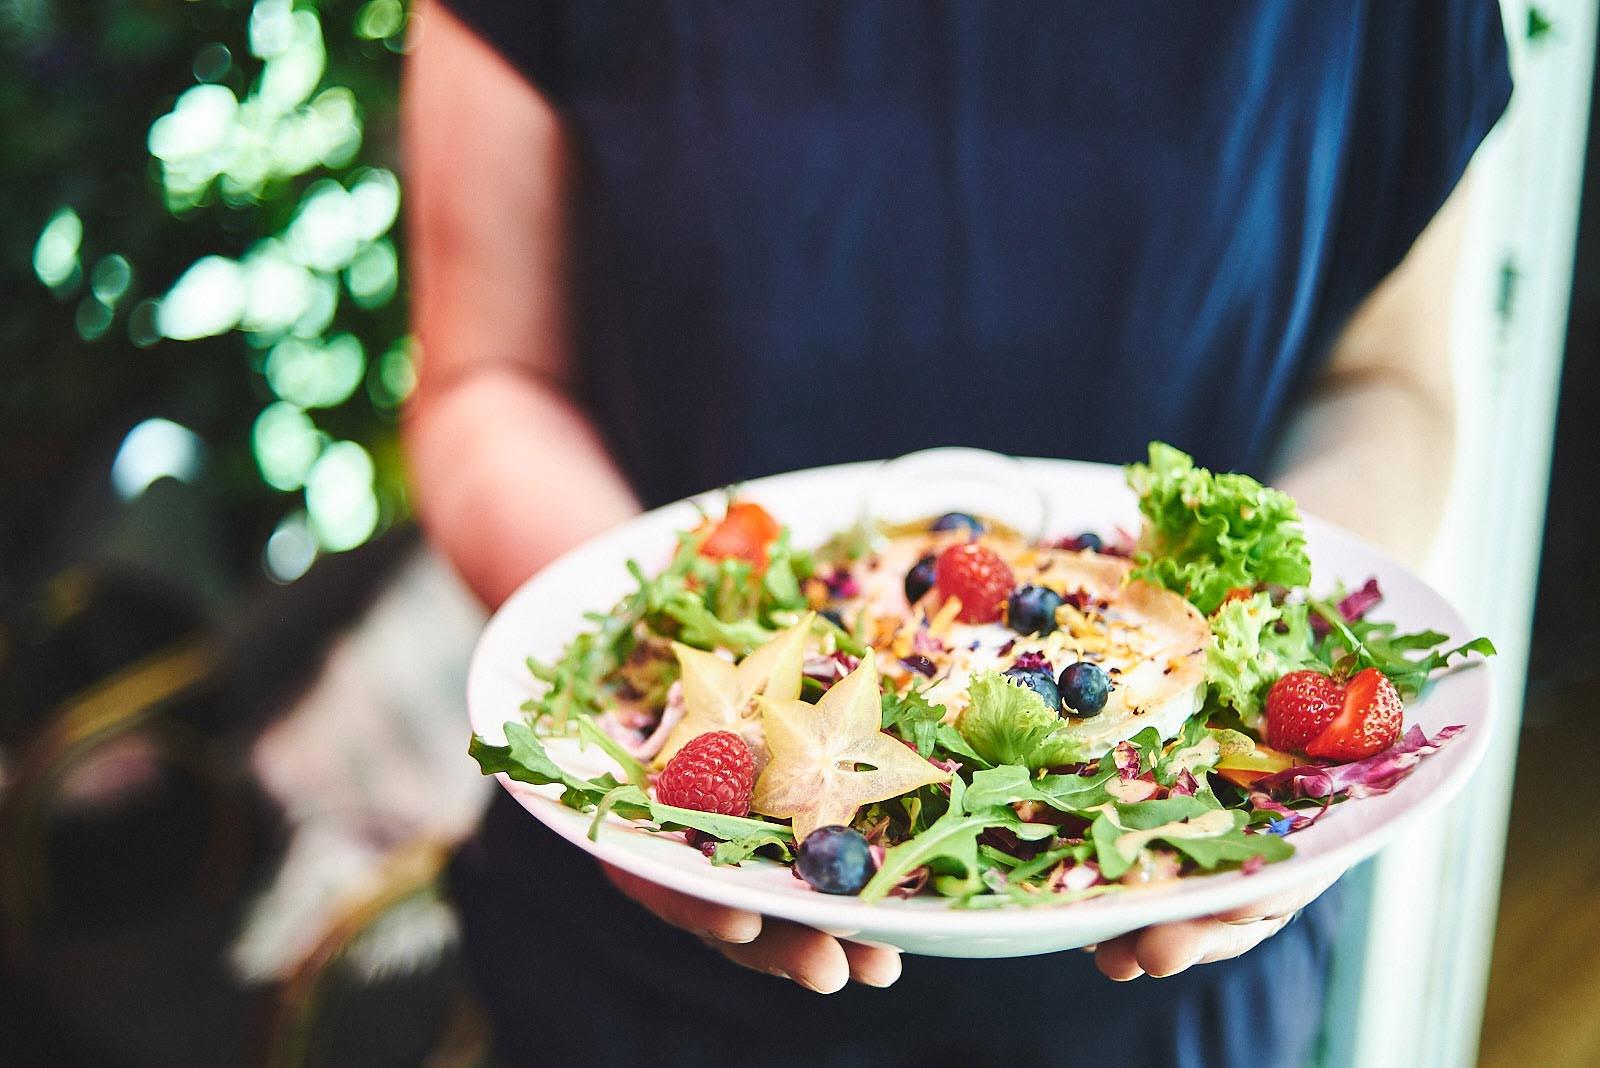 Kellnerin hält liebevoll angerichteten Salat mit Ziegenkäse im Cafe Pfefferminzje in Koblenz in den Händen - Foodfotografie von Anna Schneider neon fotografie